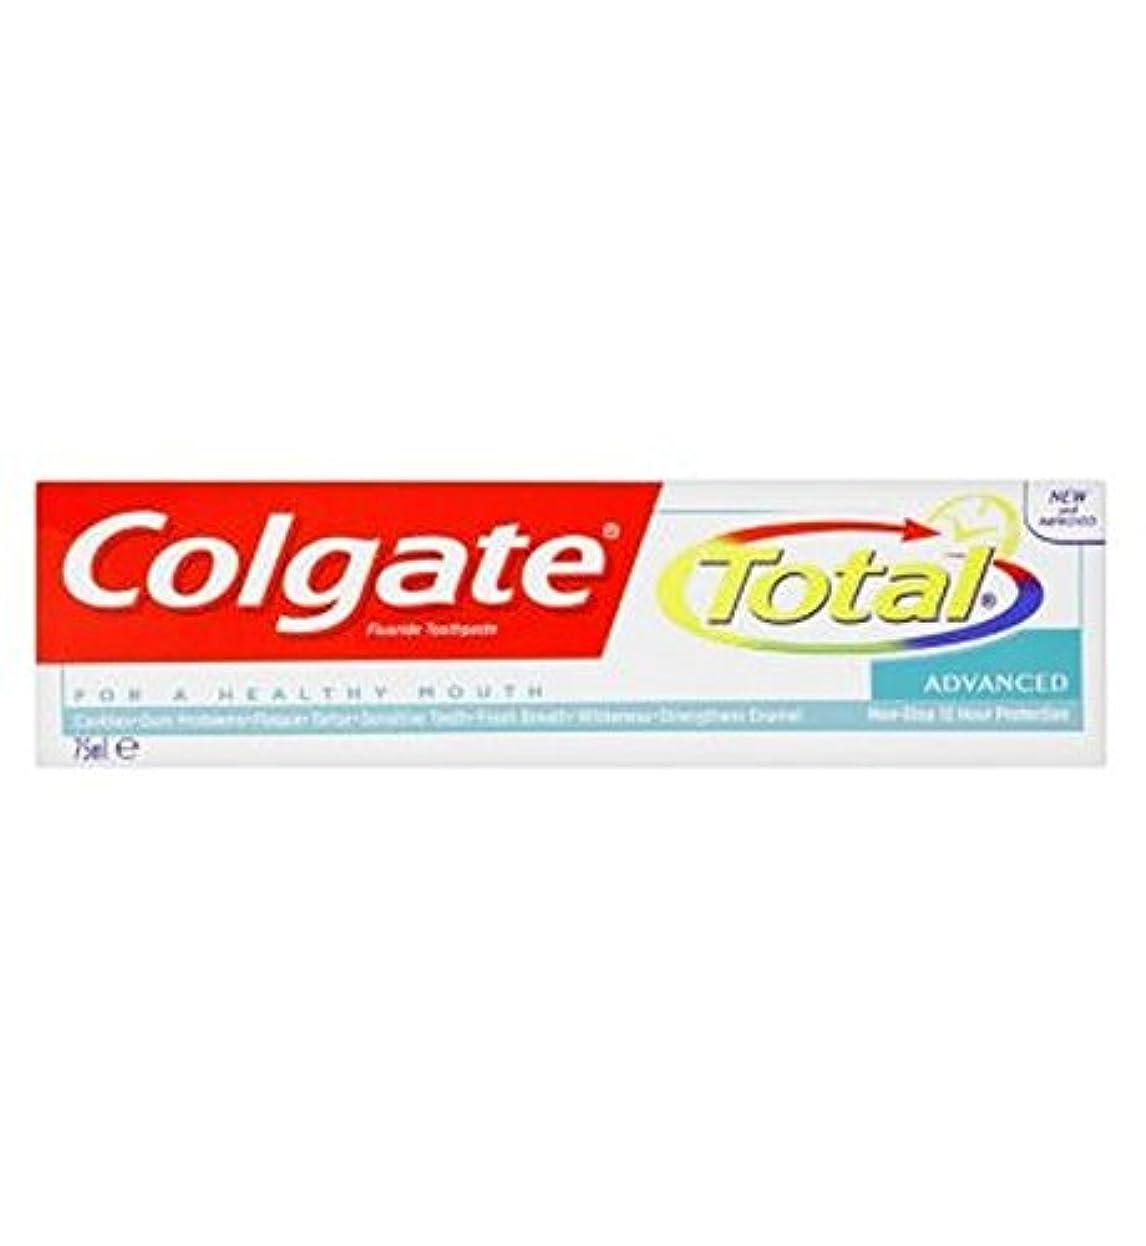 ラメ風刺表示Colgate Total Advanced toothpaste 75ml - コルゲートトータル高度な歯磨き粉75ミリリットル (Colgate) [並行輸入品]